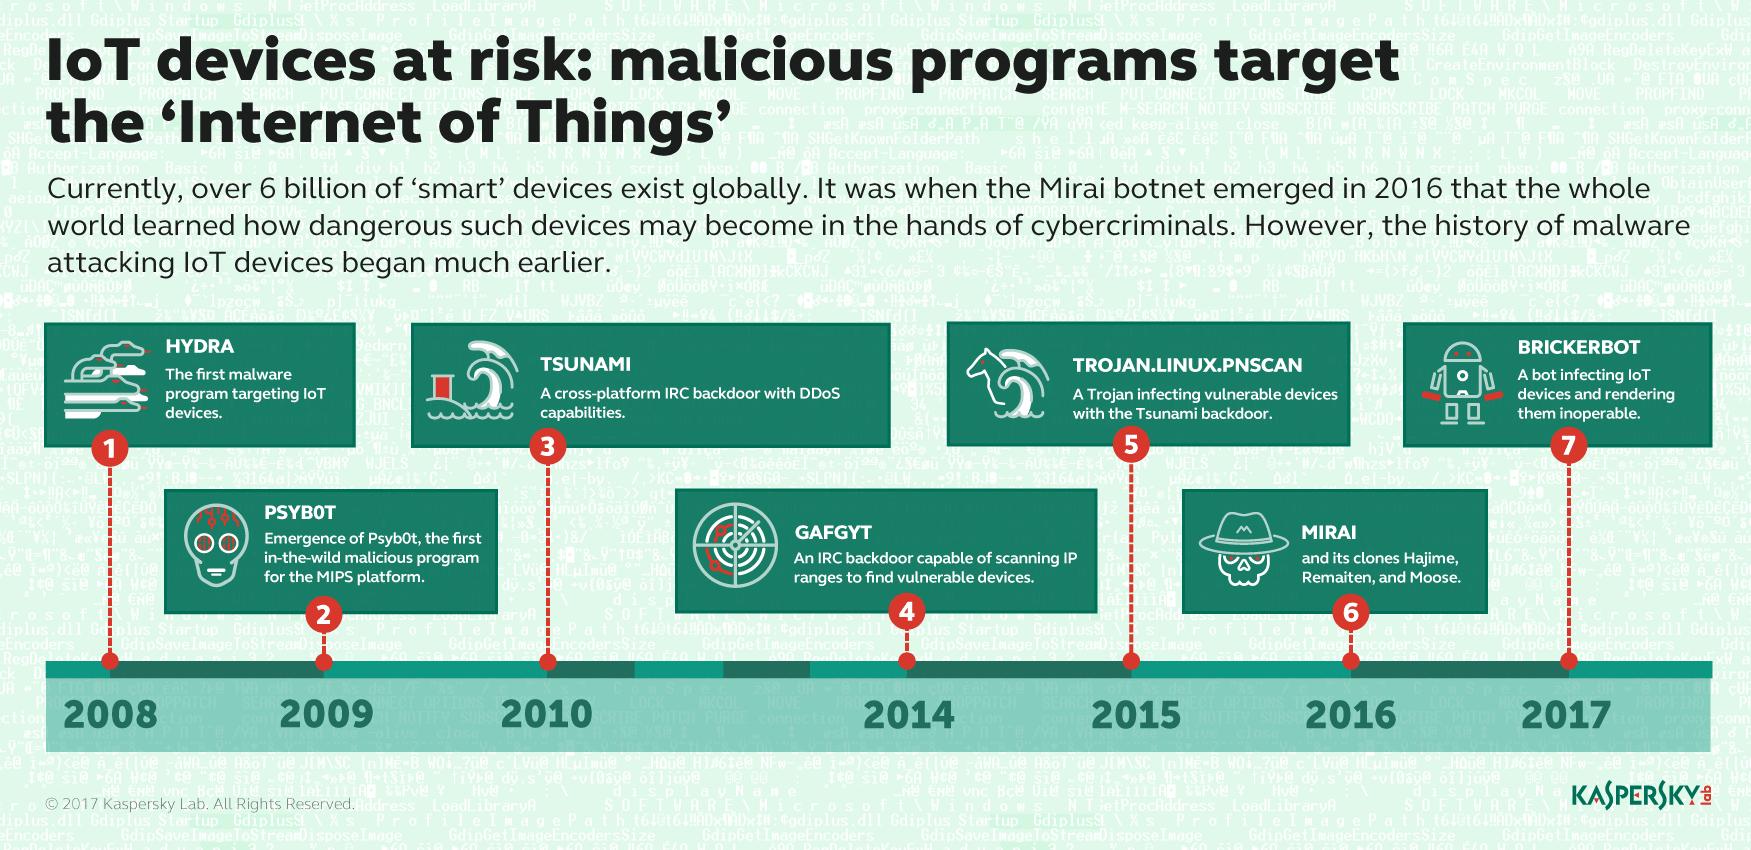 Numarul de programe malware care vizeaza dispozitive inteligente s-a dublat in 2017